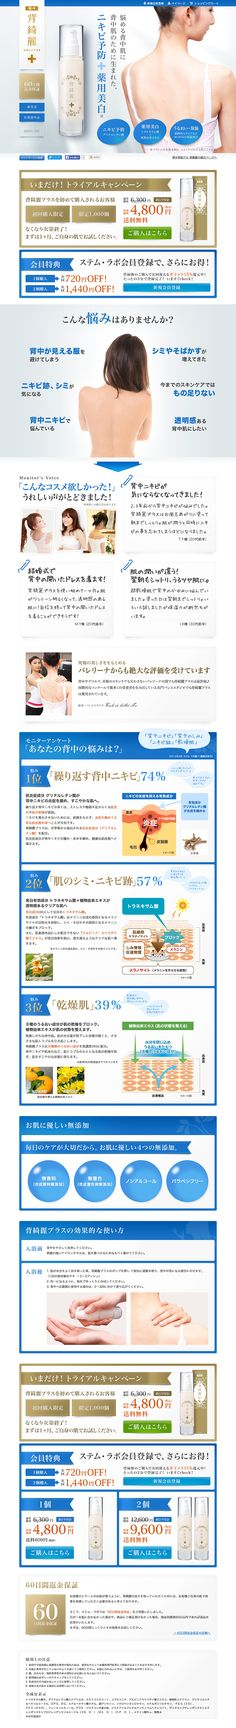 背綺麗+【スキンケア・美容商品関連】のLPデザイン。WEBデザイナーさん必見!ランディングページのデザイン参考に(キレイ系)